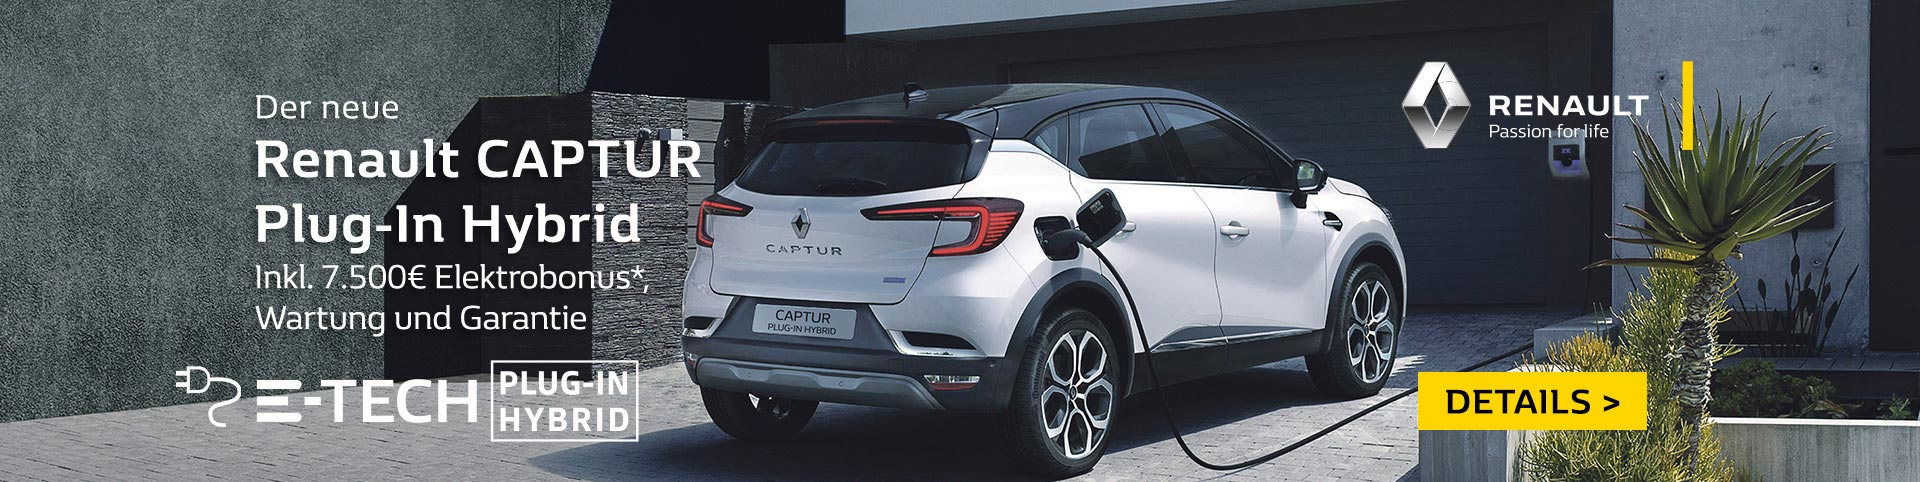 Renault CAPTUR Plug-In-Hybrid finanzieren und kaufen